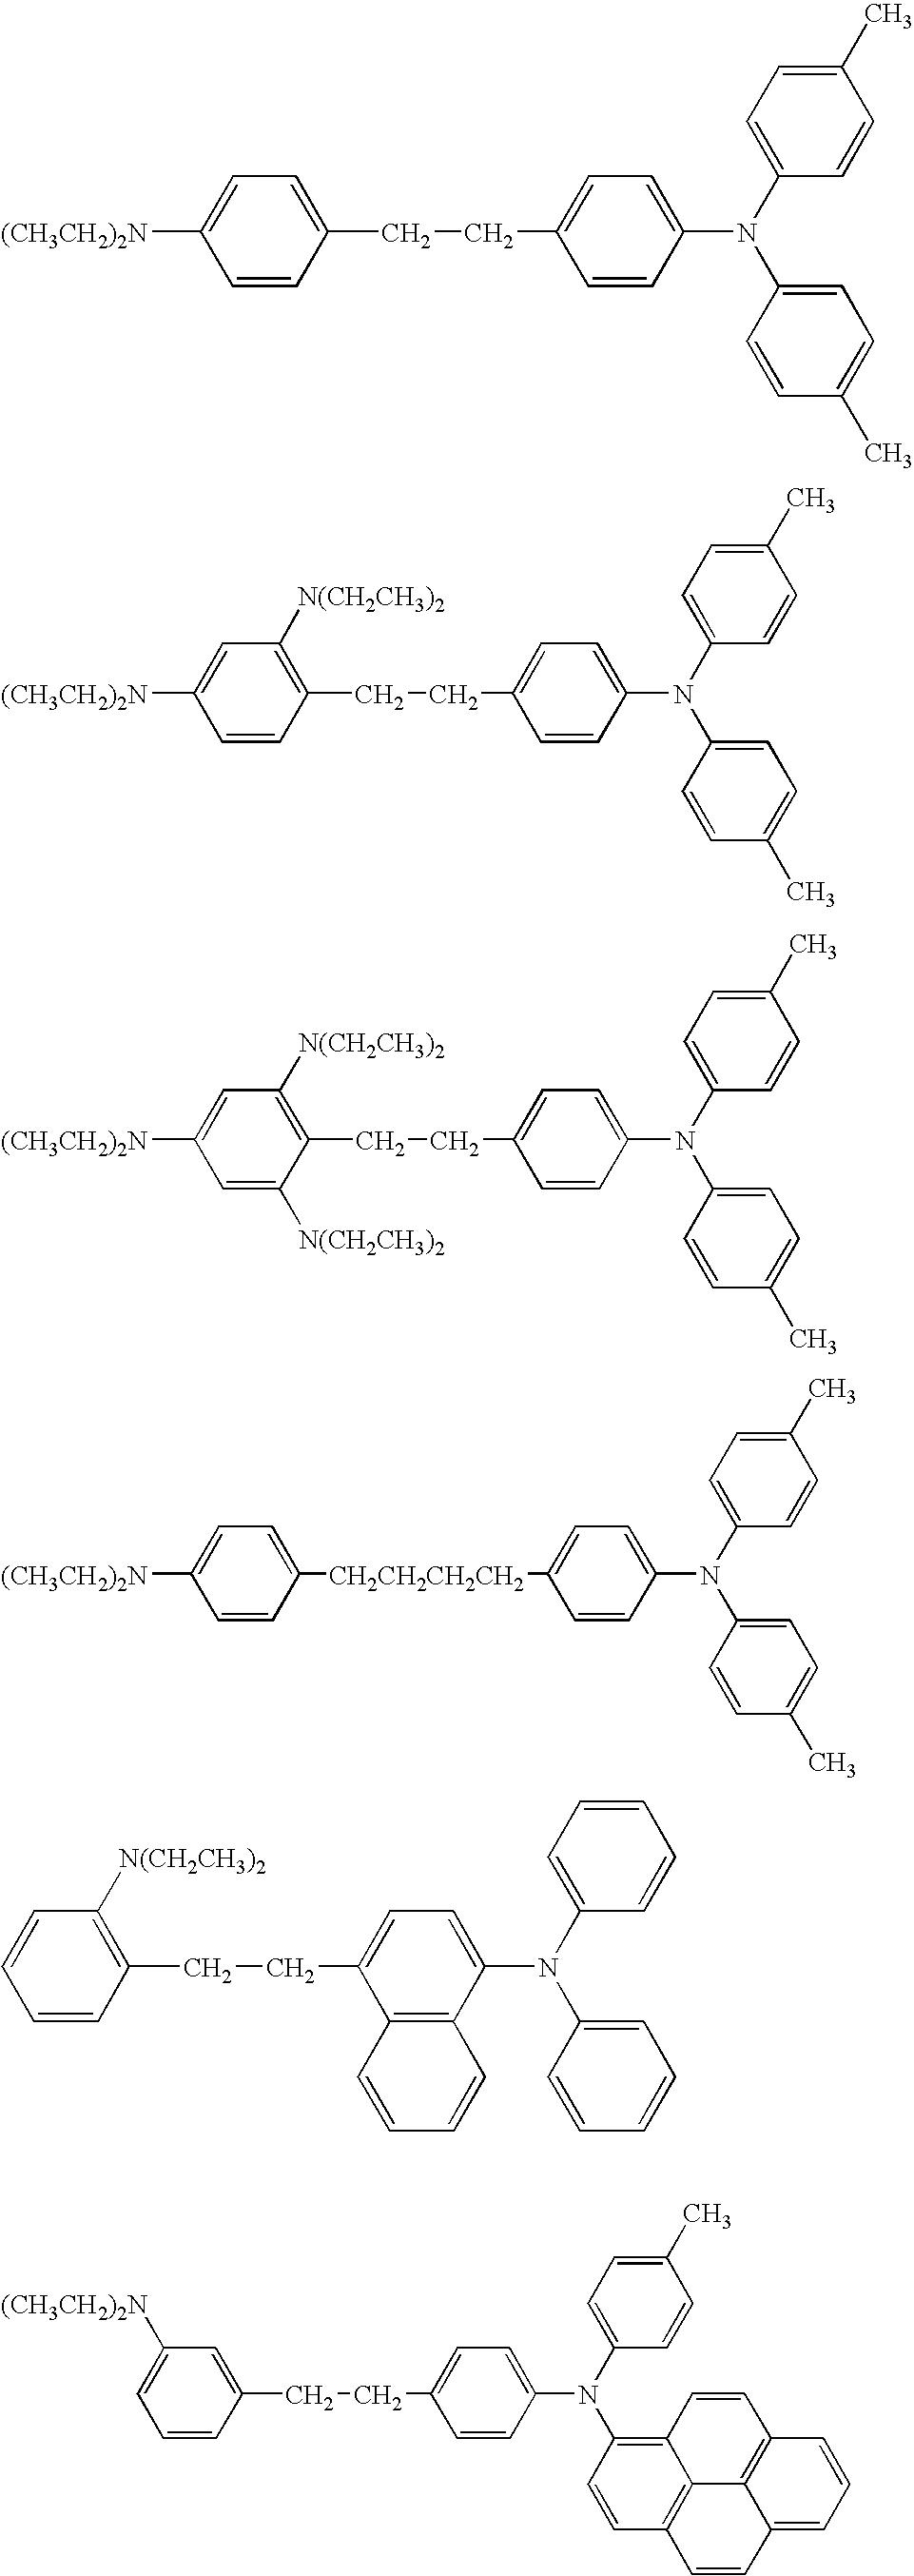 Figure US06861188-20050301-C00238